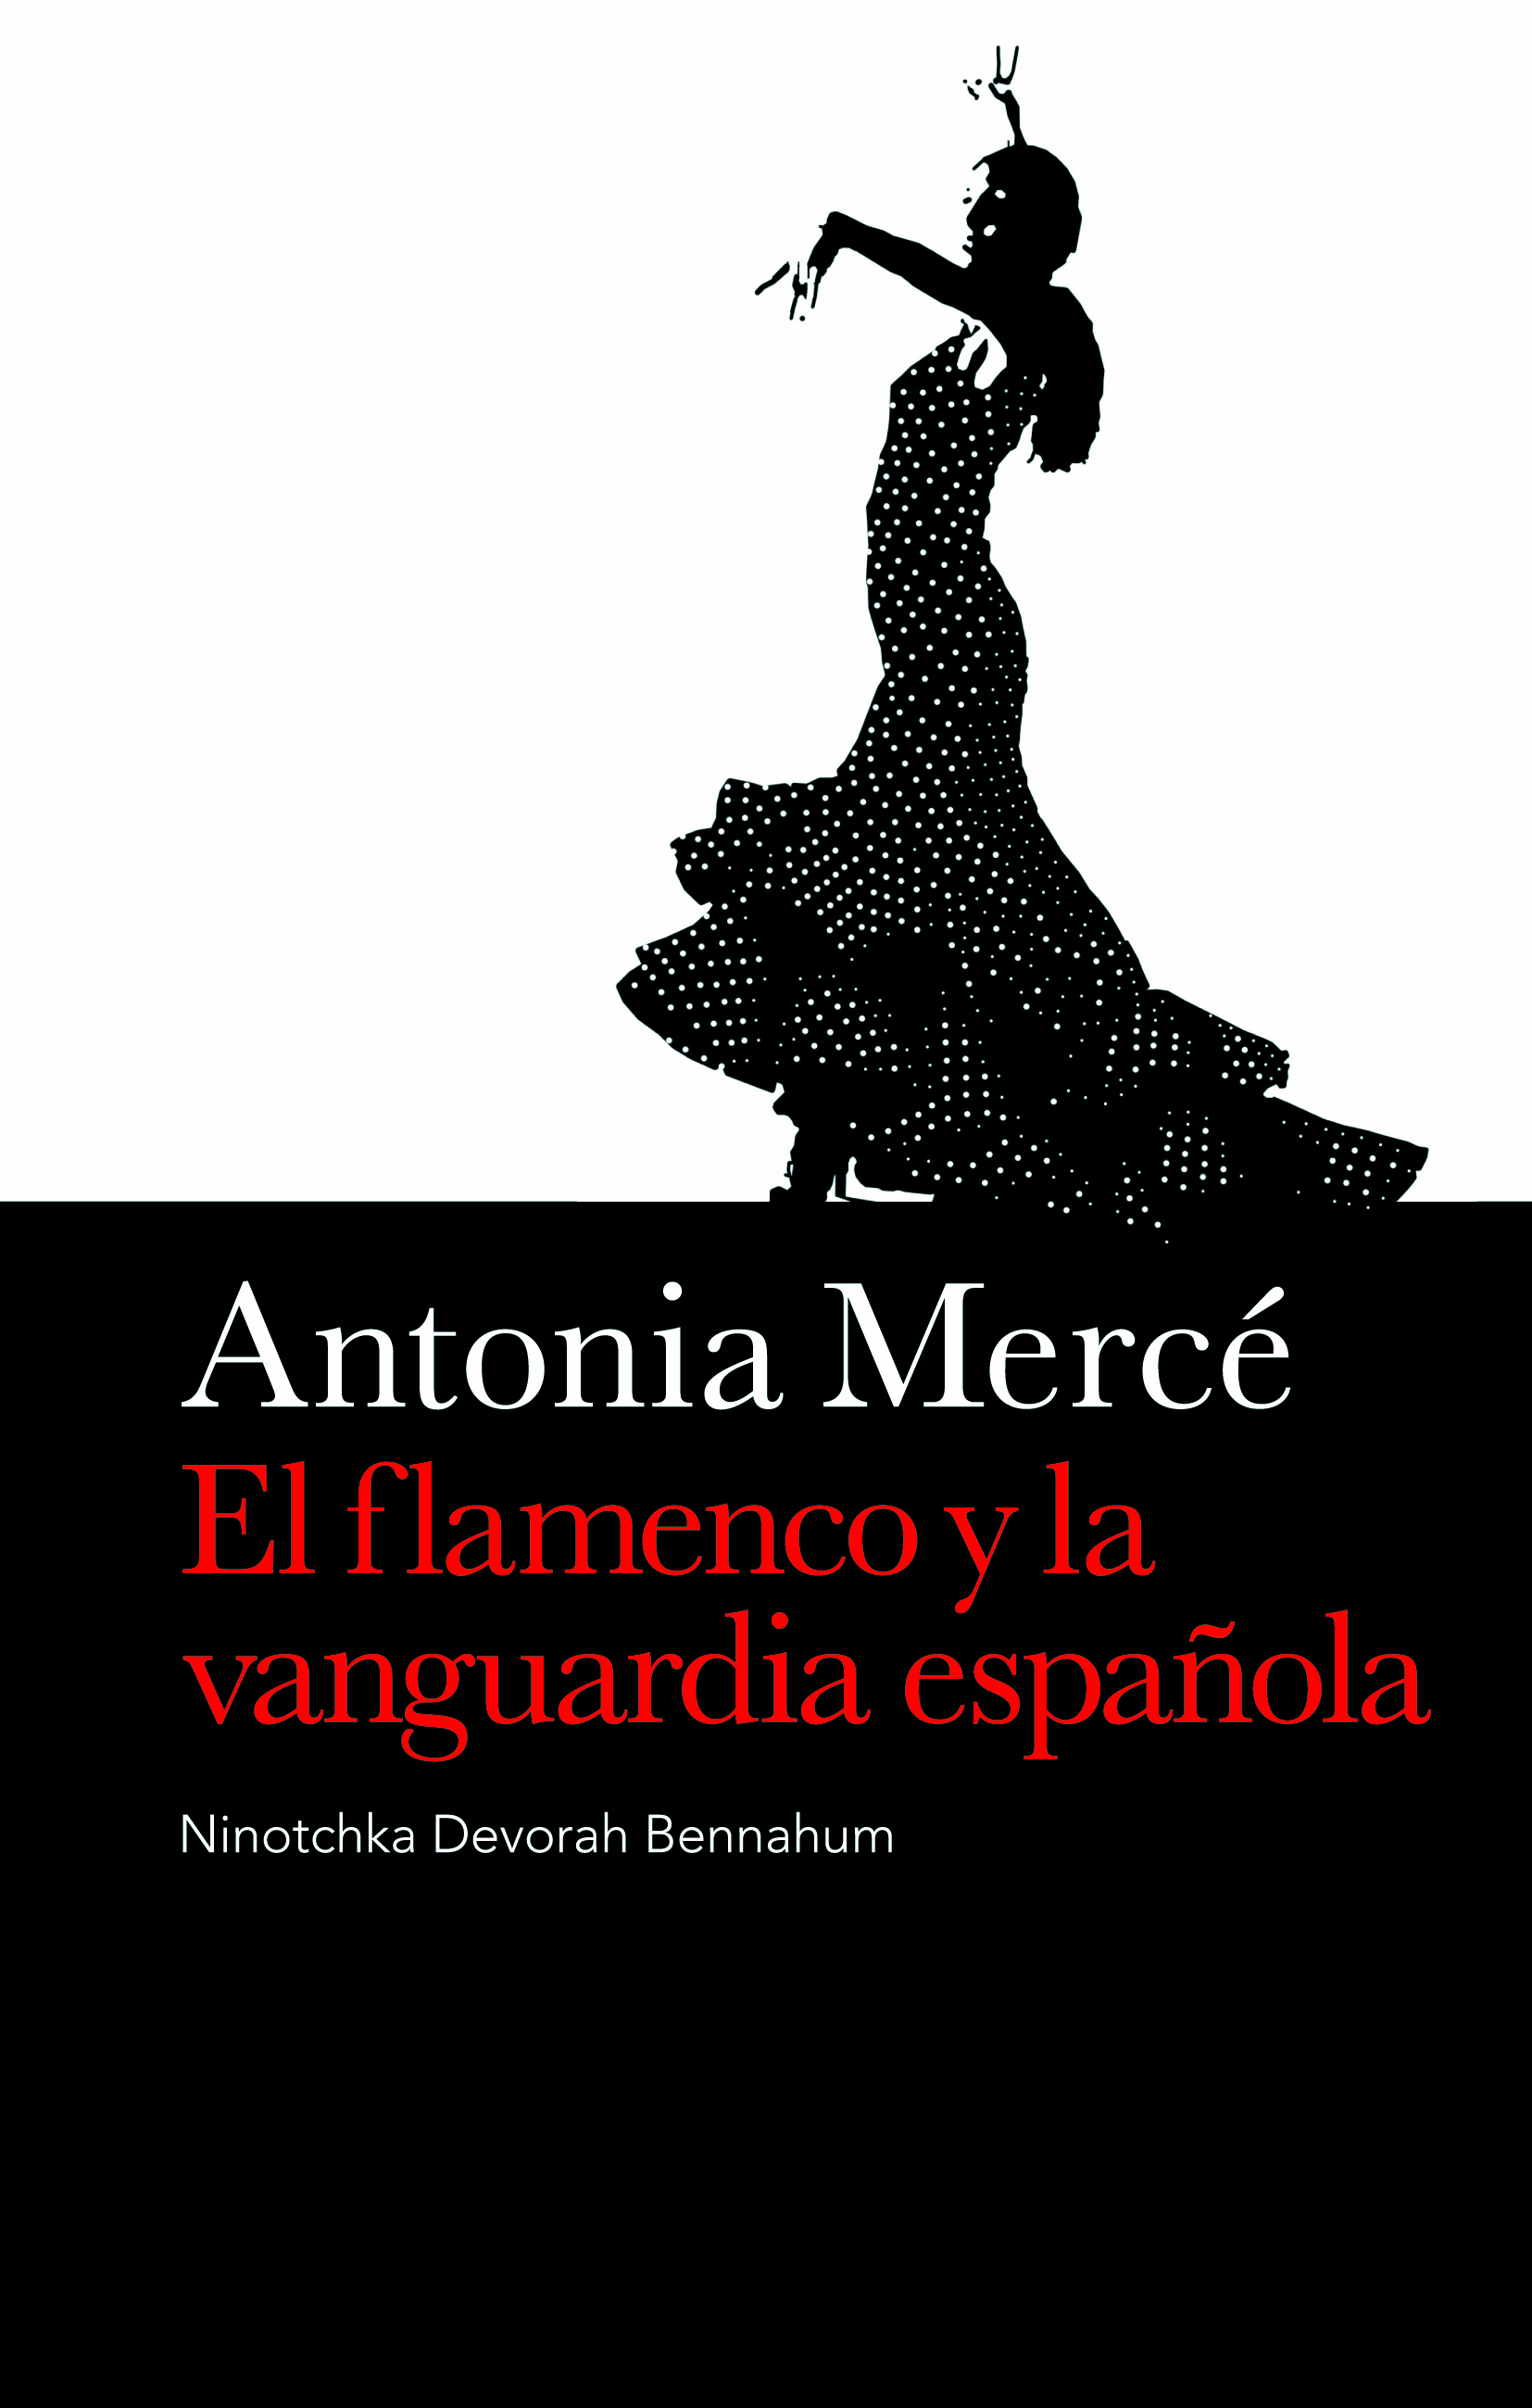 ANTONIA MERCÉ. EL FLAMENCO Y LA VANGUARDIA ESPAÑOLA